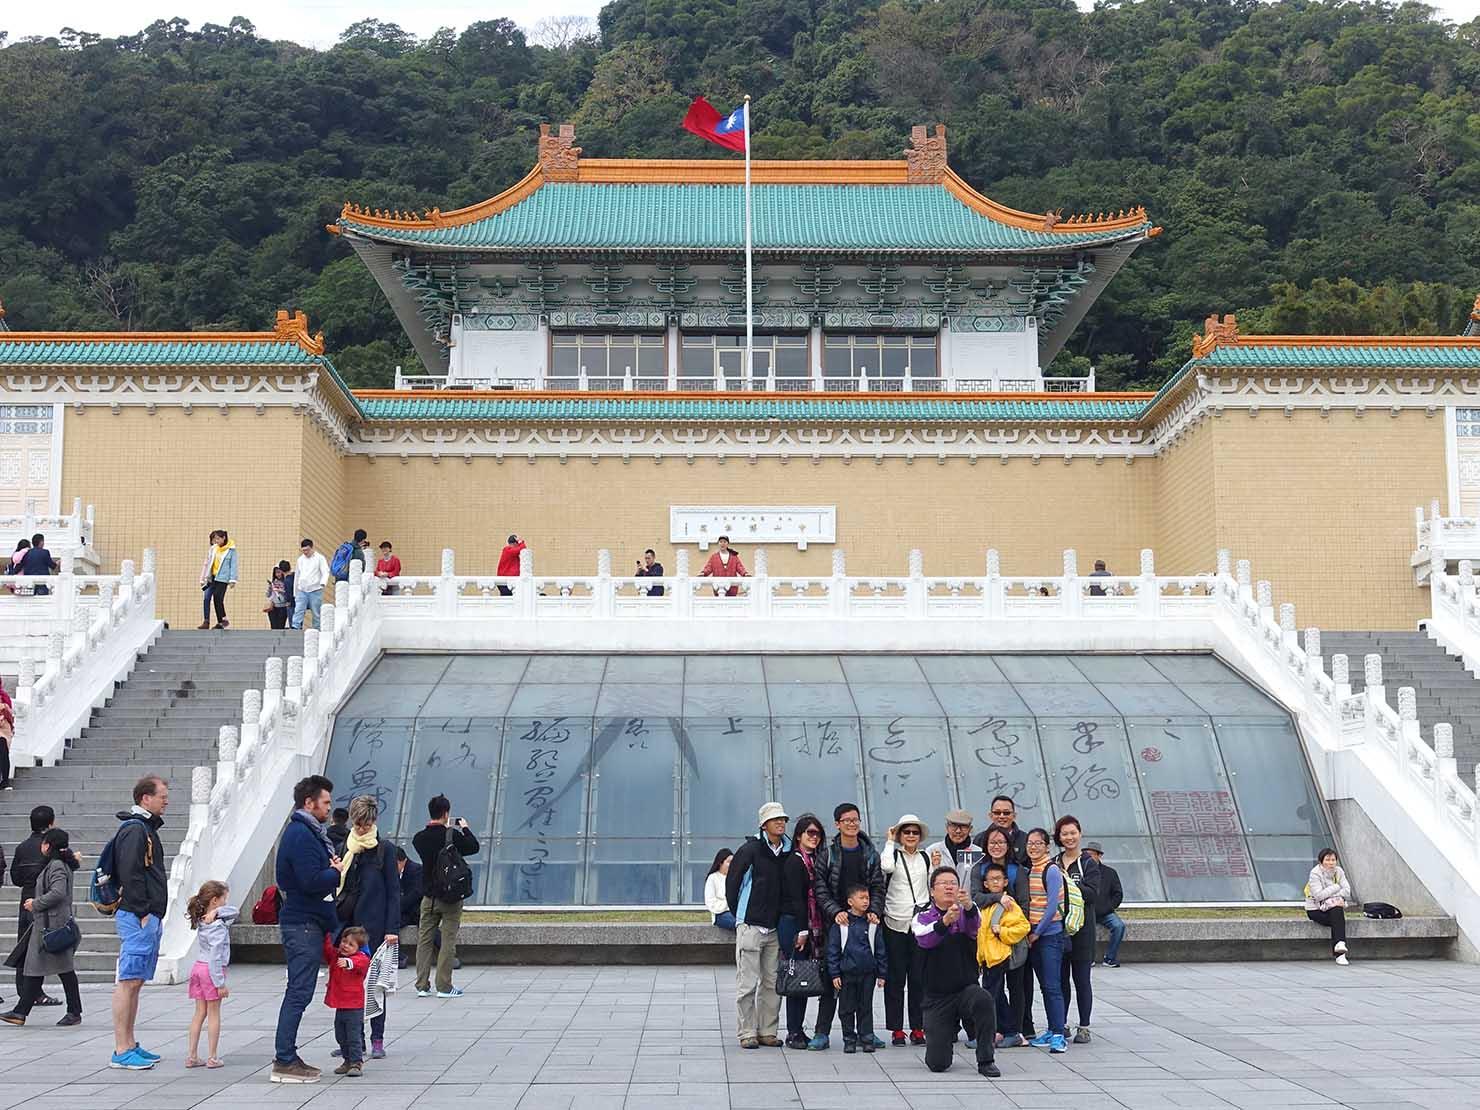 春節(旧正月)を迎えたの台北の観光スポット「故宮博物院」